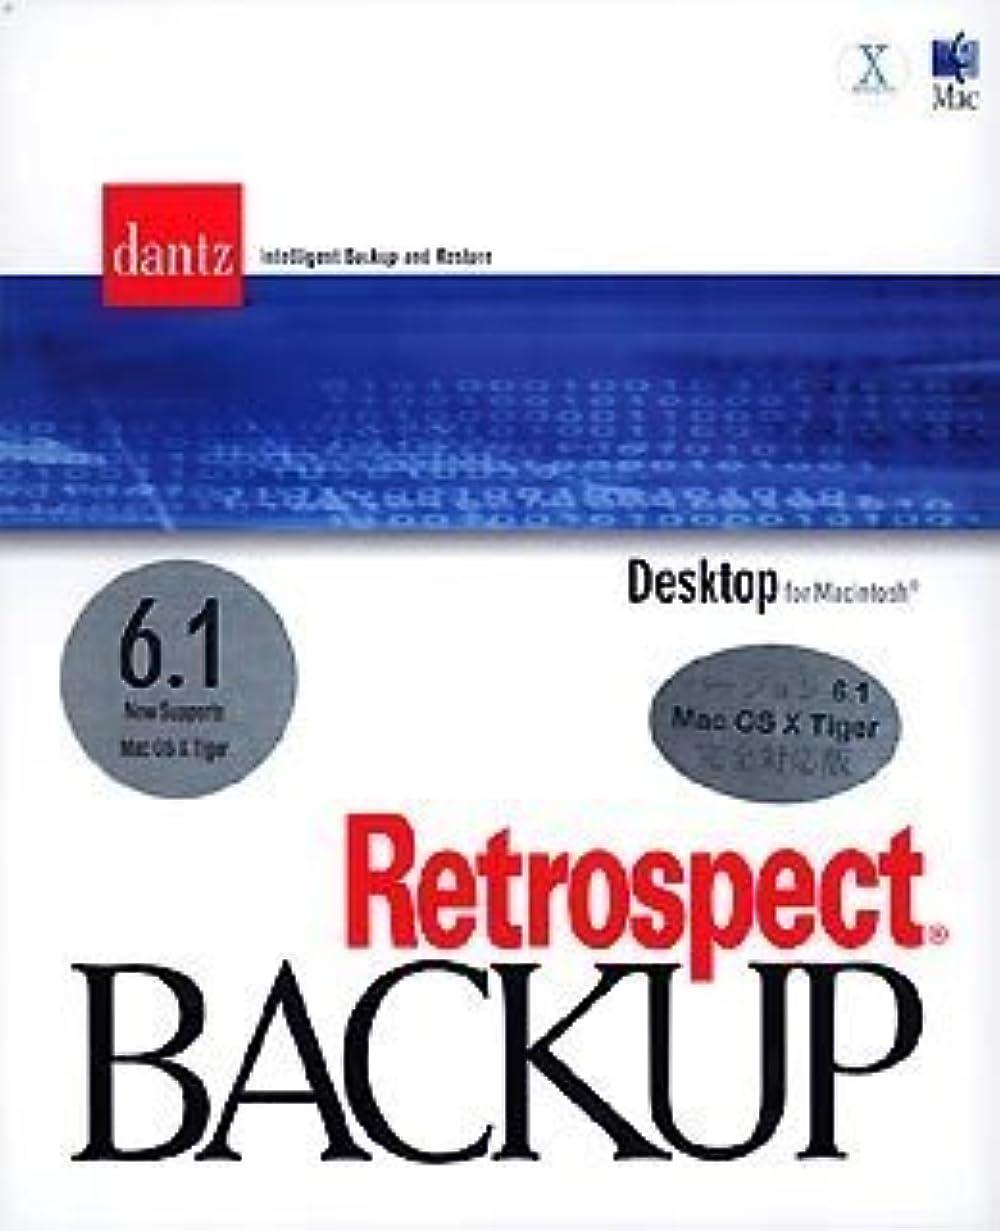 ほこり十分ですギャンブルRetrospect Desktop Backup 6.1 for Macintosh  (アクトツー)